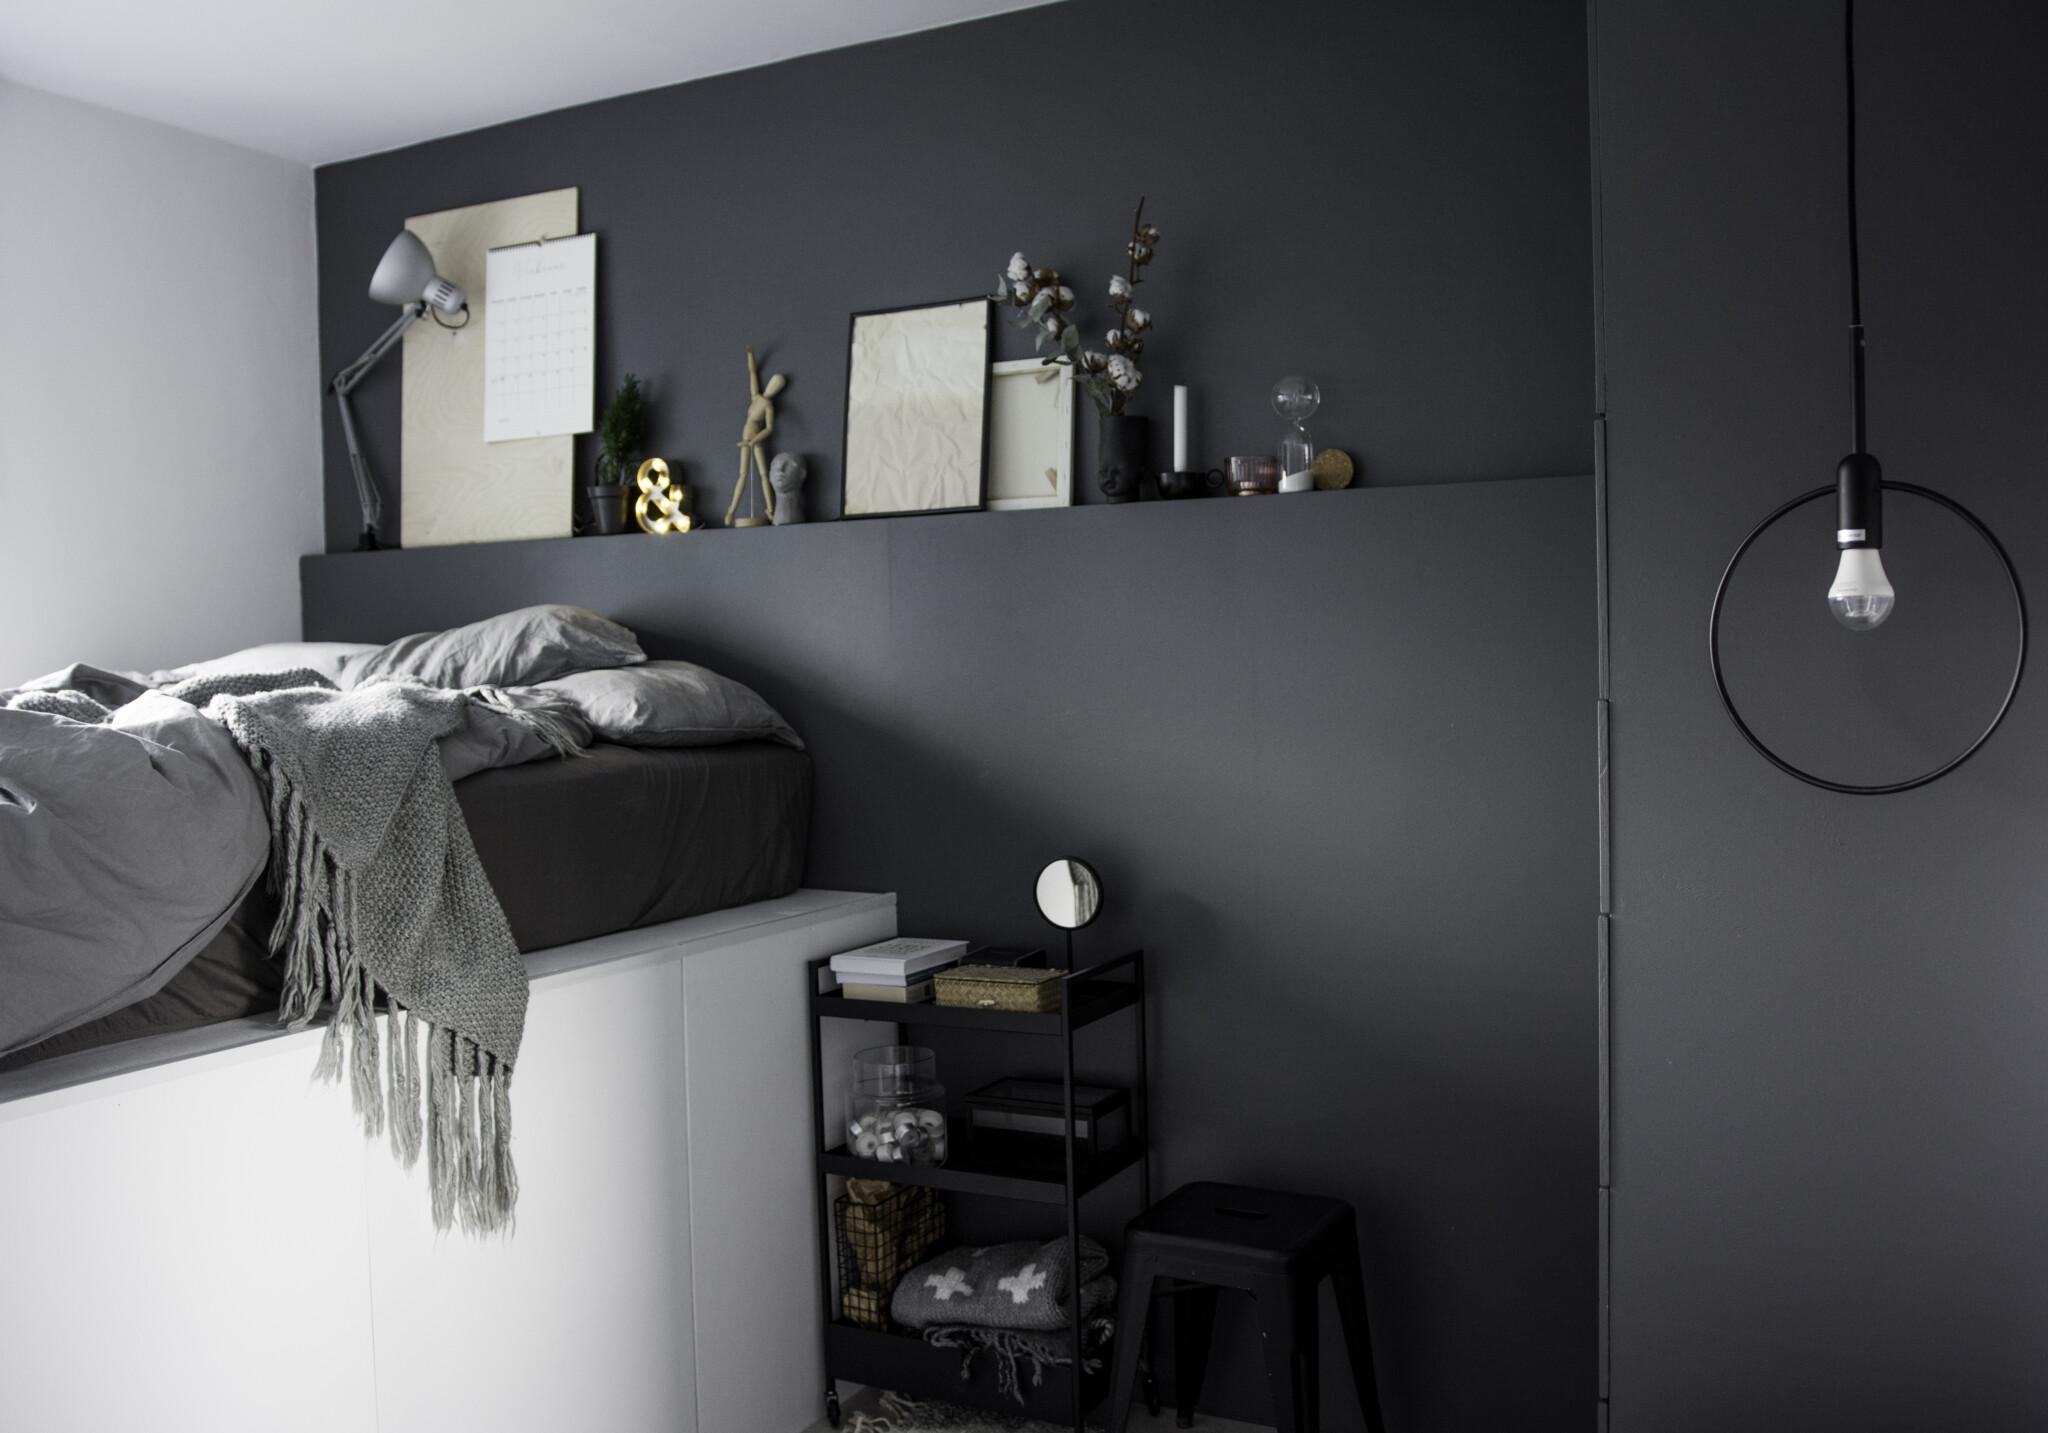 kuidas magamistuppa värvi tuua?